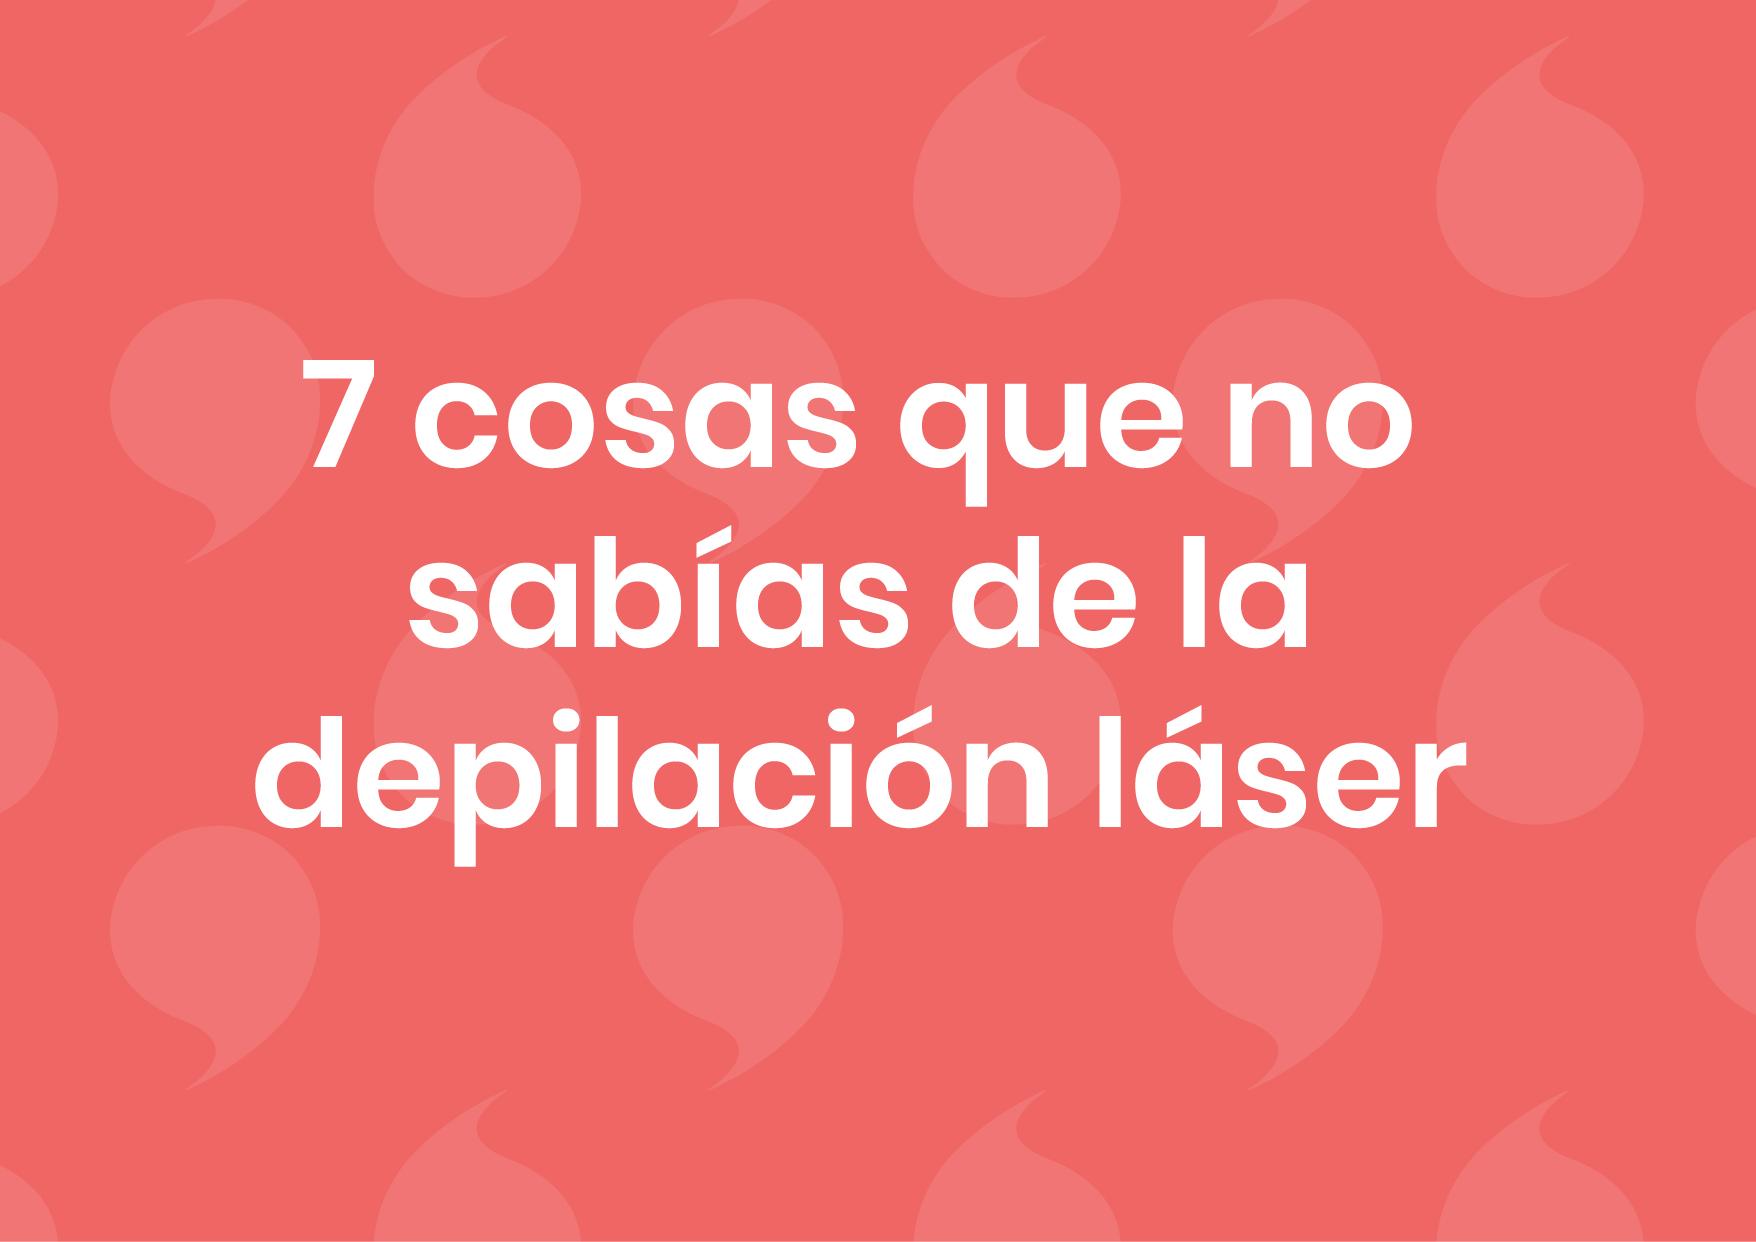 7 cosas que no sabías sobre la depilación láser